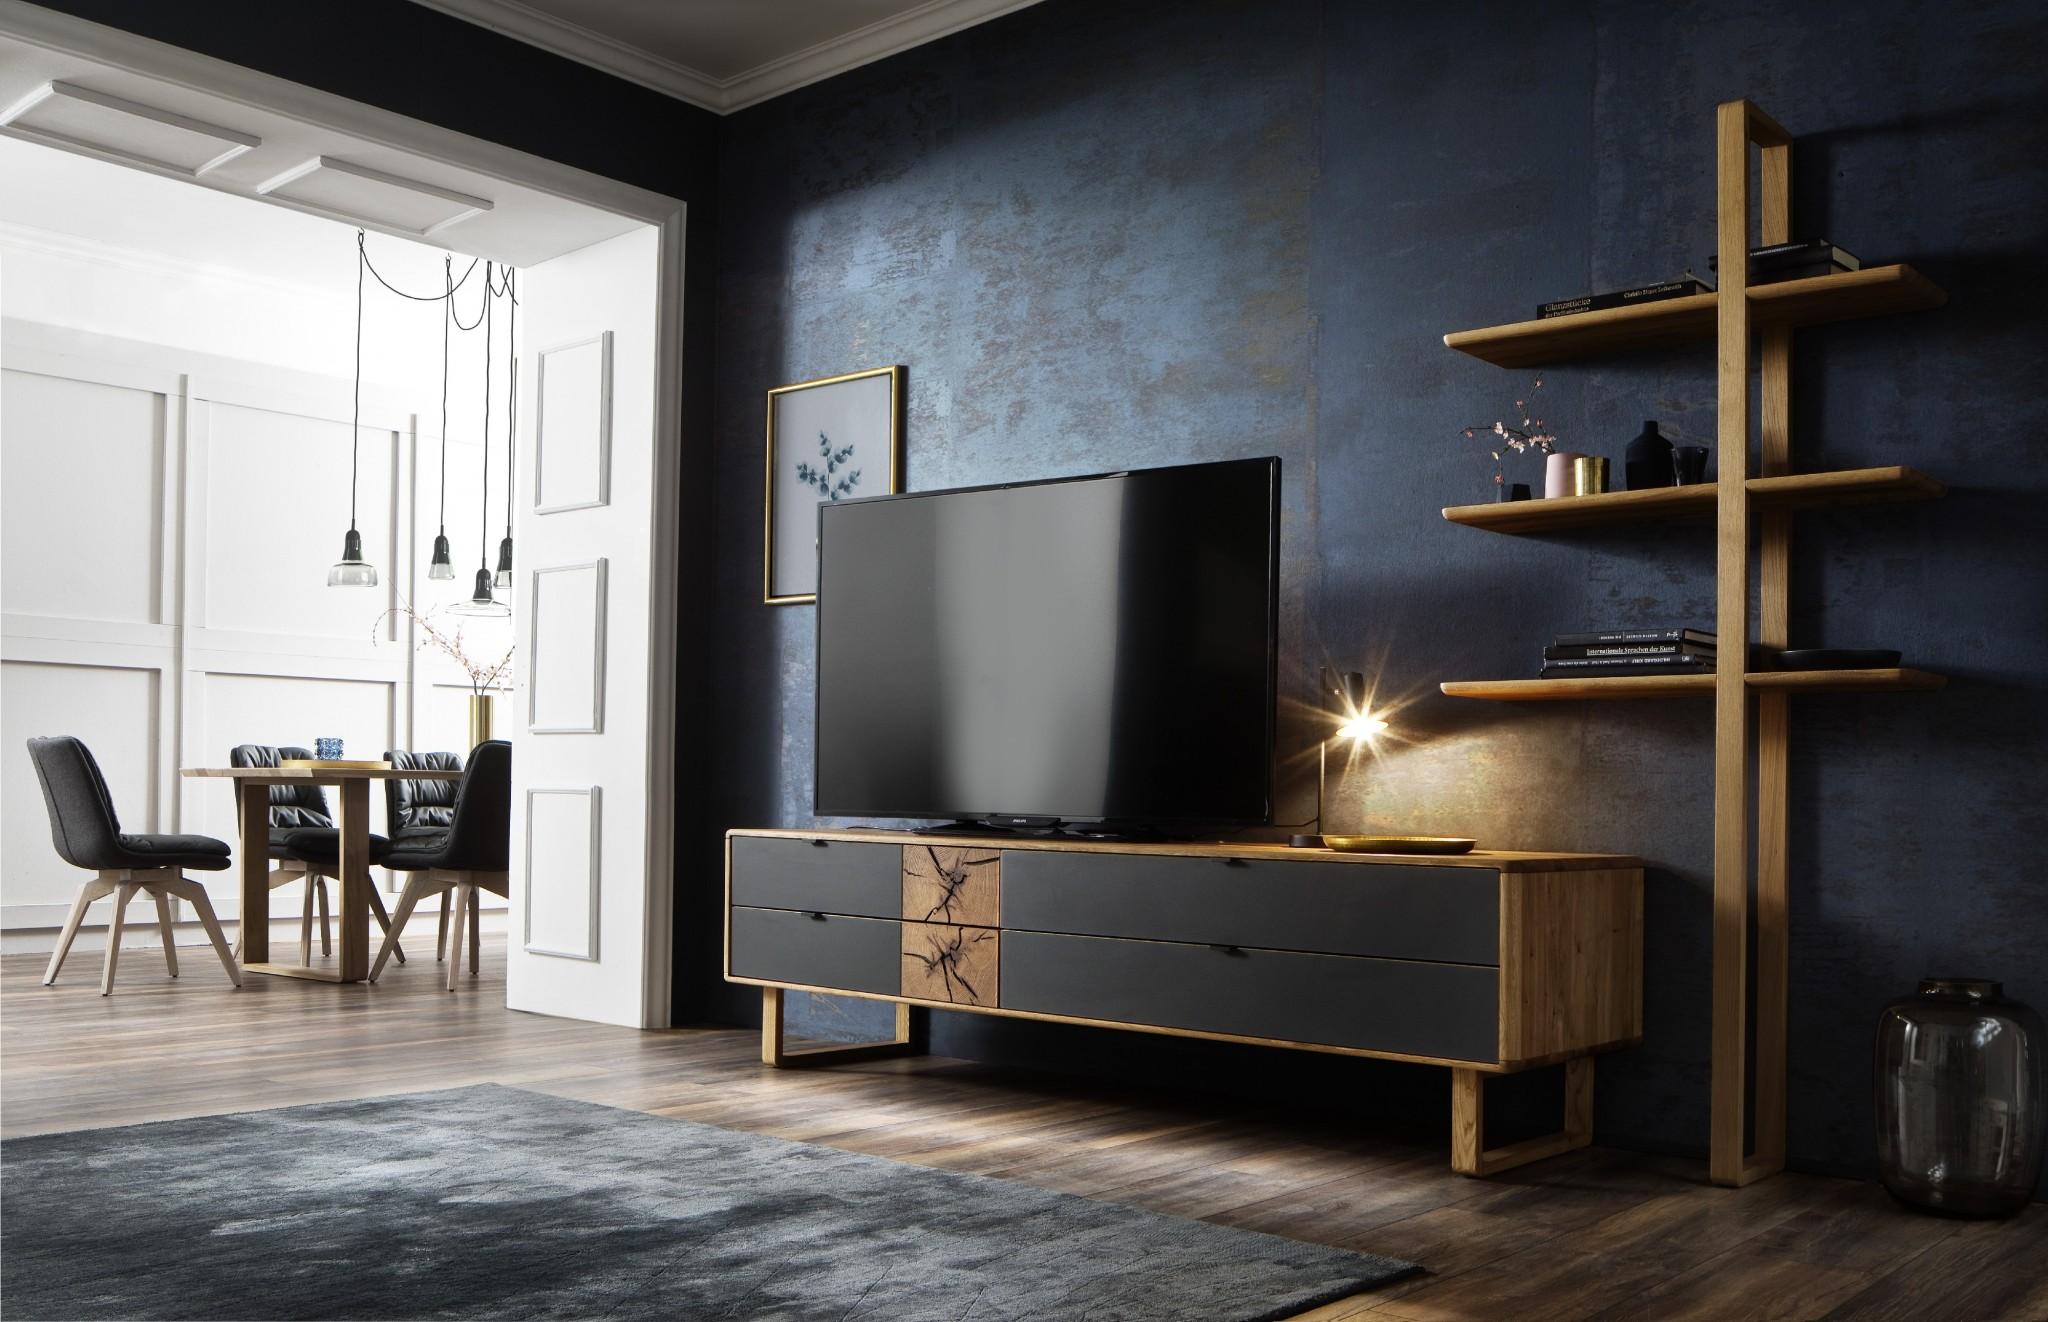 Tv Lowboard Und Regalleiter Max Wood In Wildeiche Massiv 1 990 Mobel Polt Mobelhaus